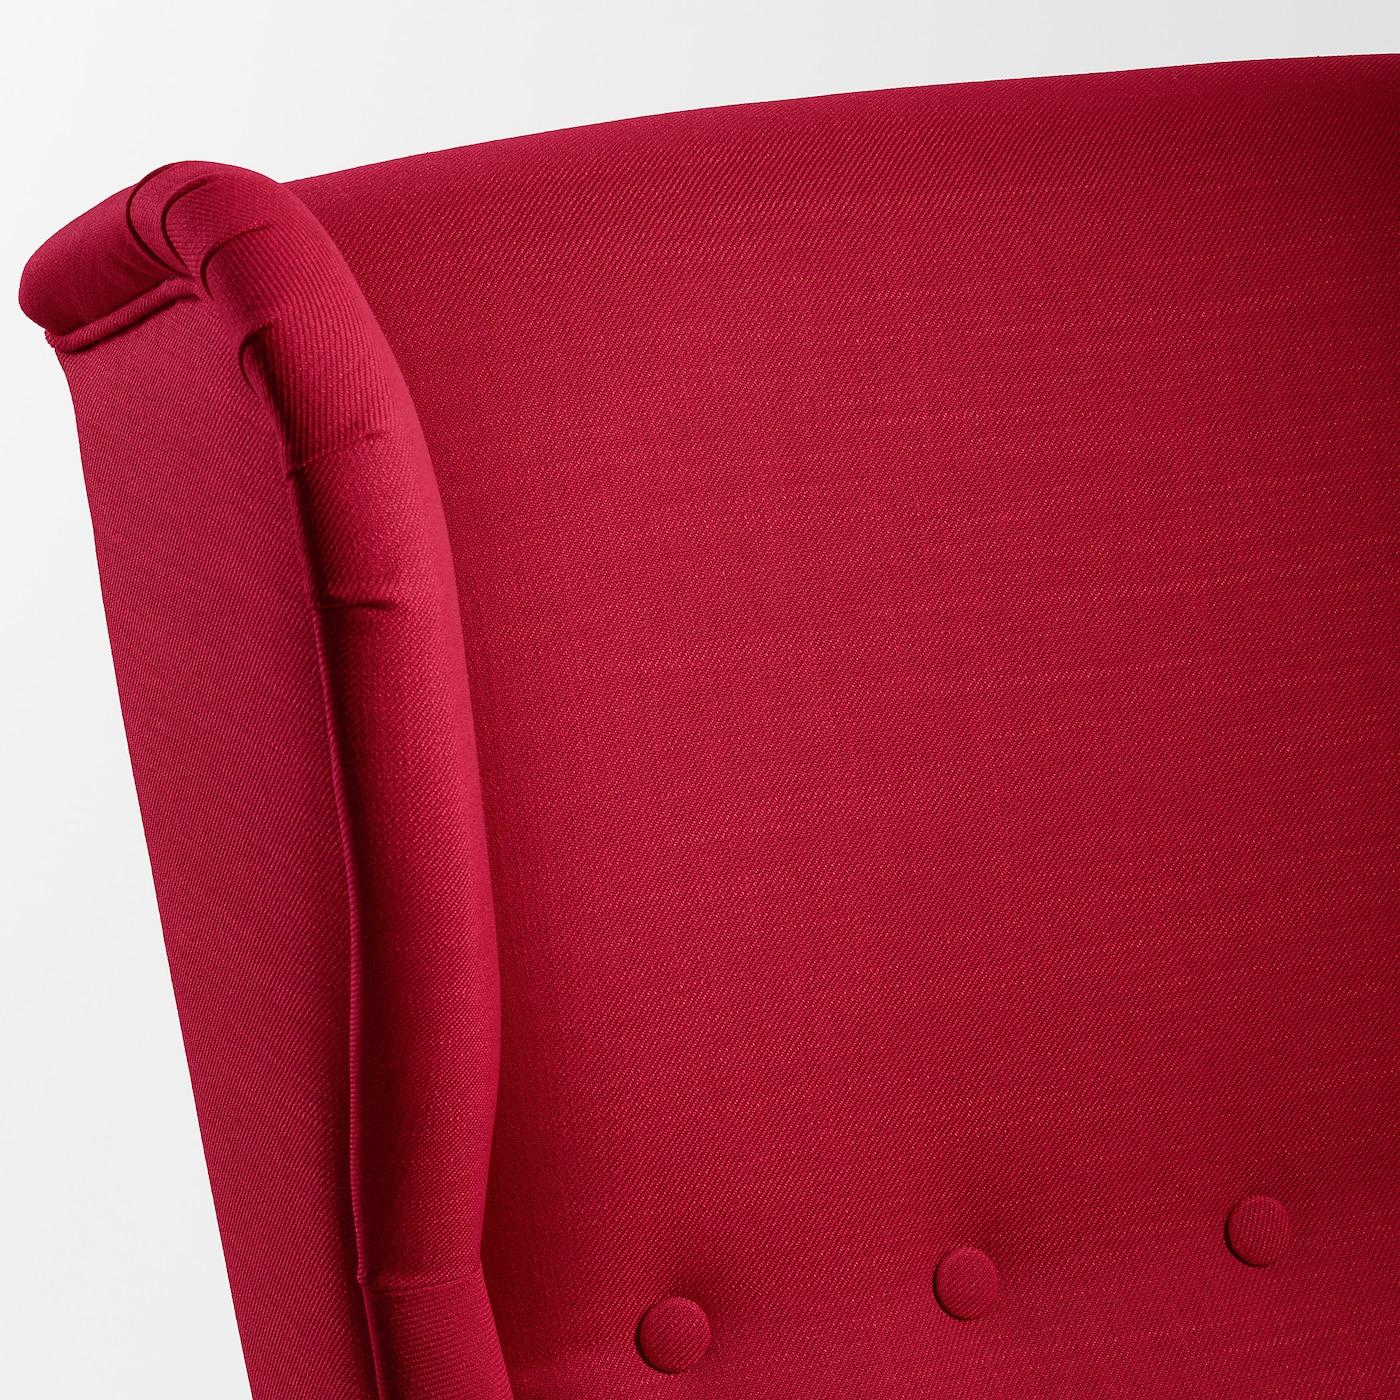 strandmon fauteuil a oreilles nordvalla rouge